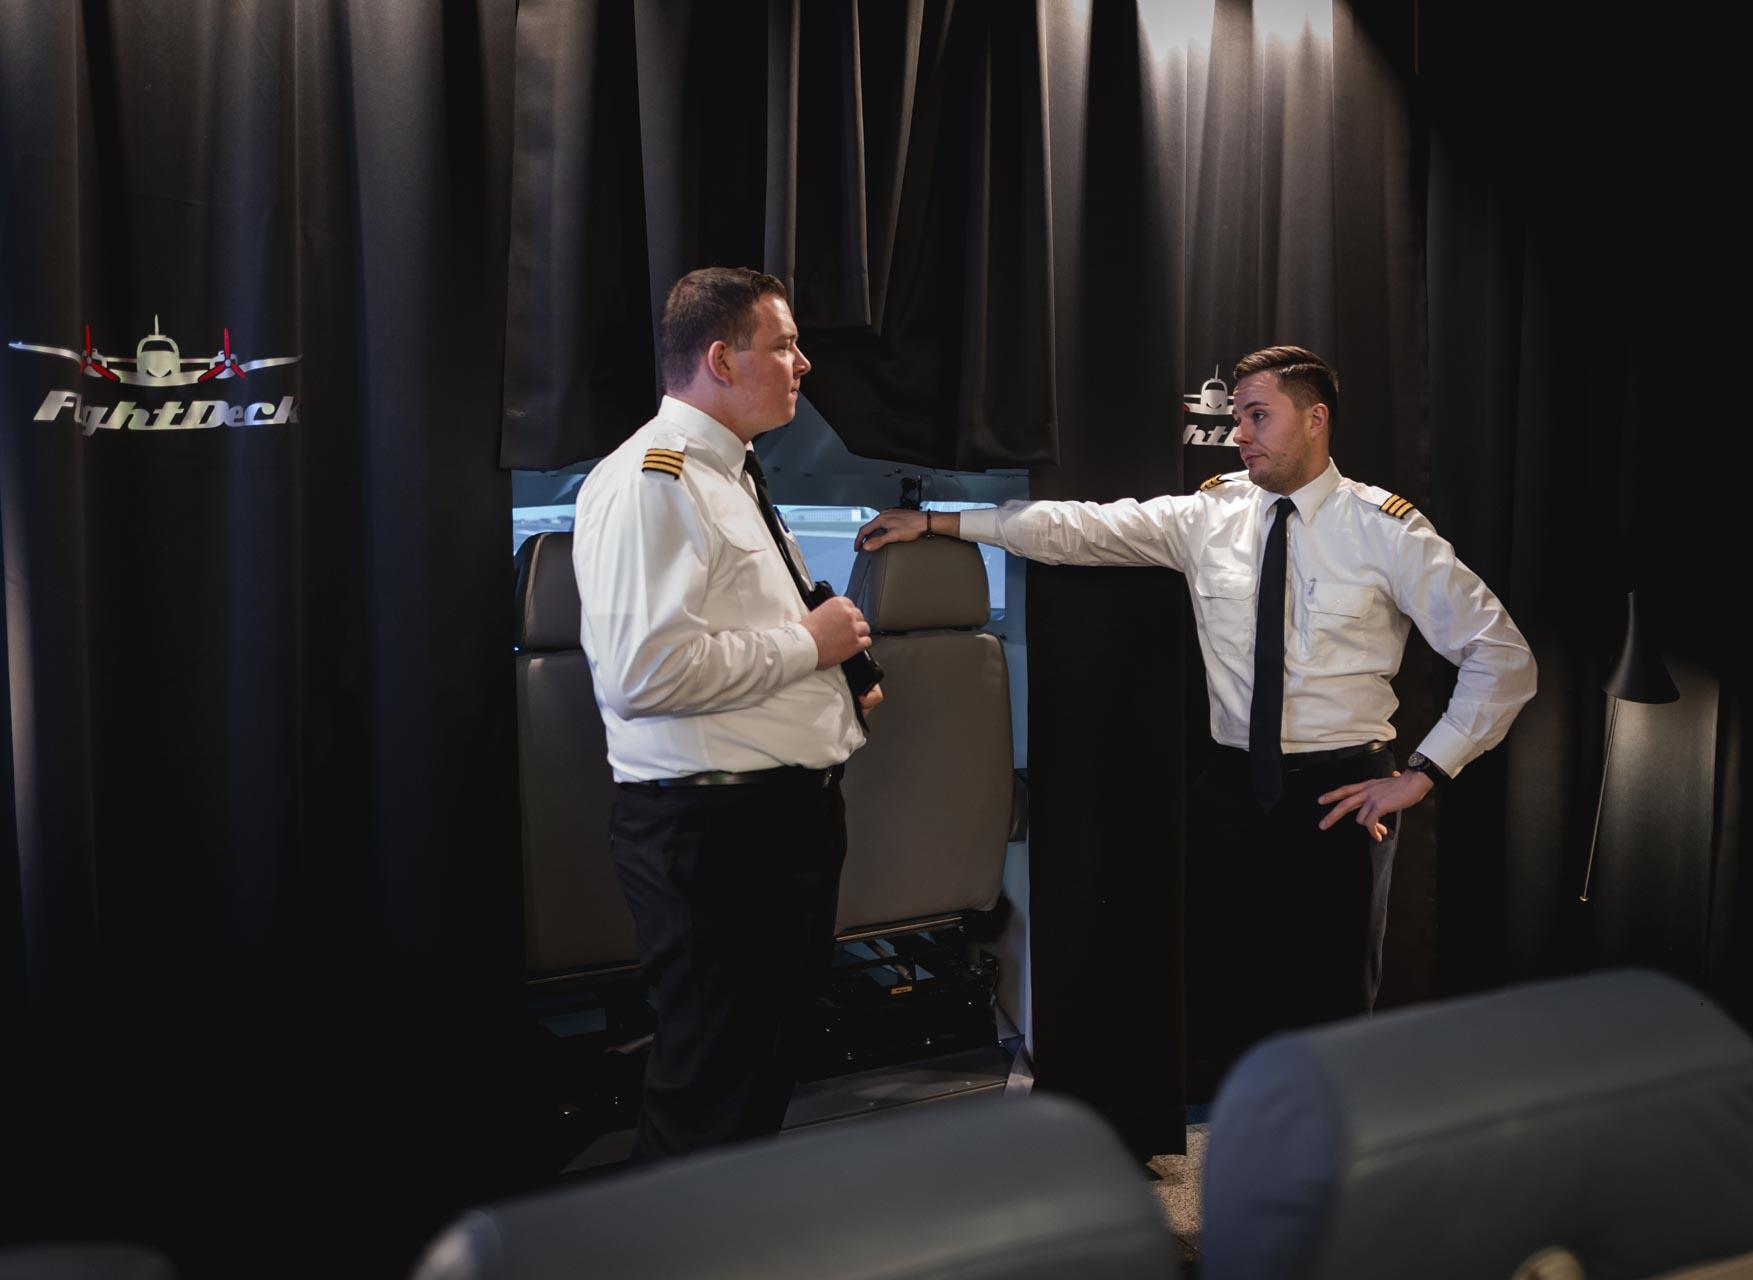 Piloten Besprechung